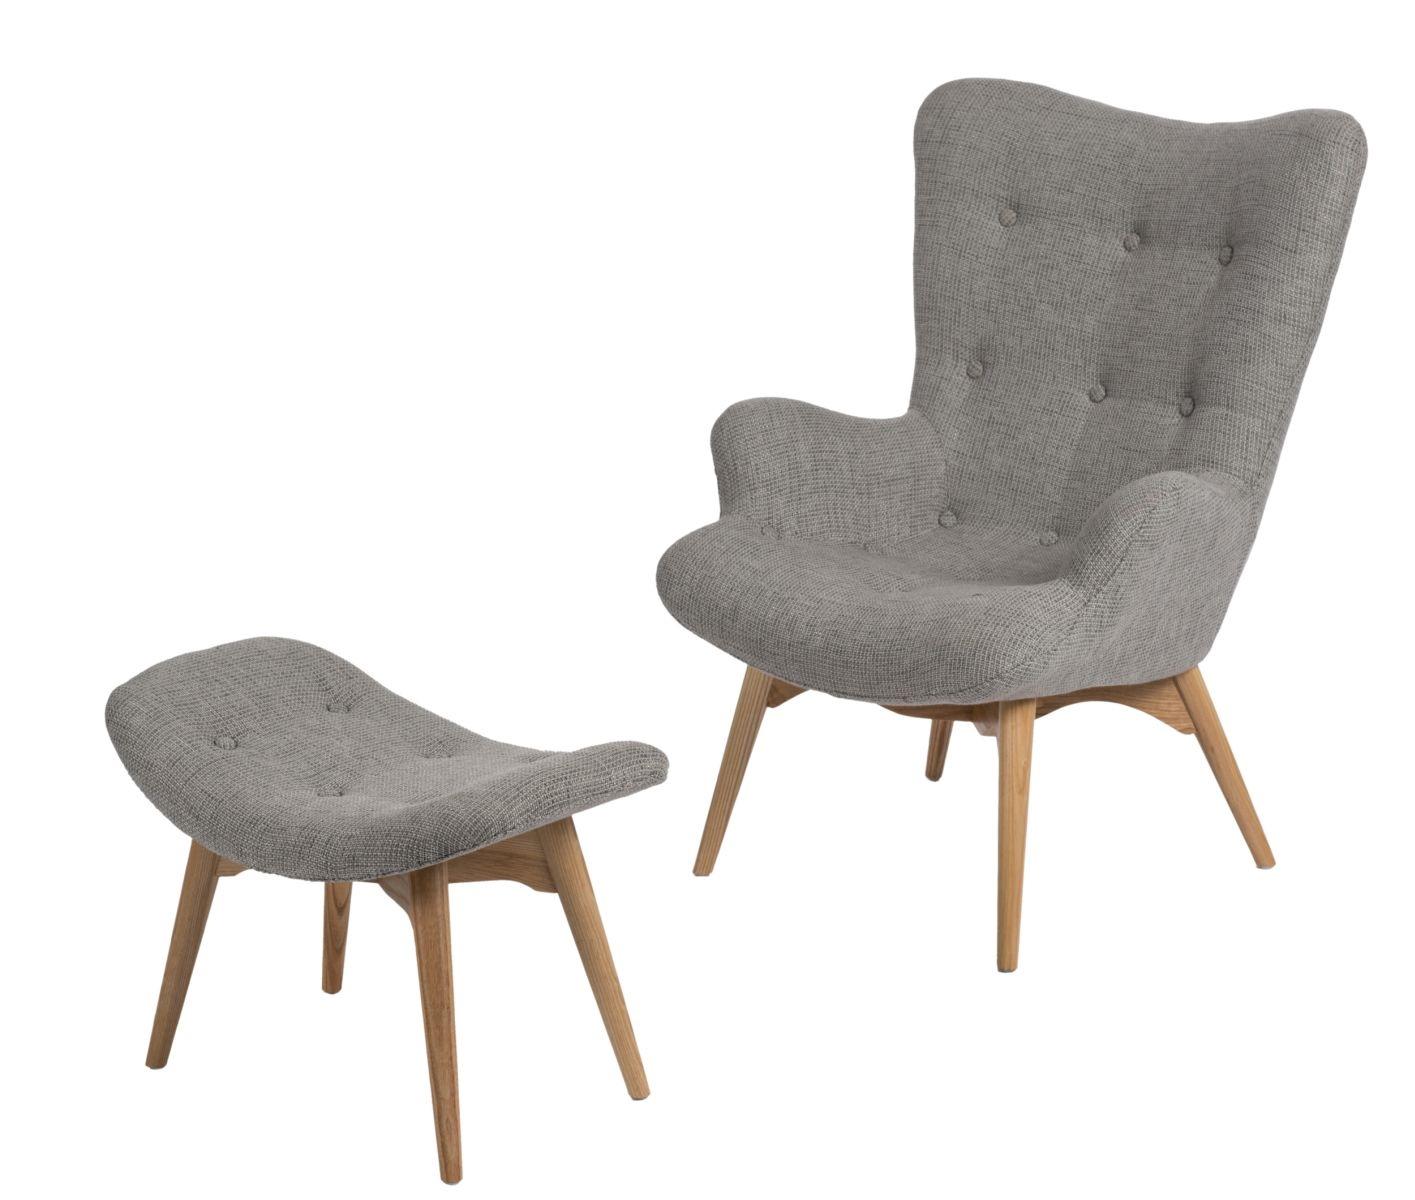 komfortowy fotel z podn kiem larf fotele stacjonarne fotele i pufy wypoczynkowe meble. Black Bedroom Furniture Sets. Home Design Ideas